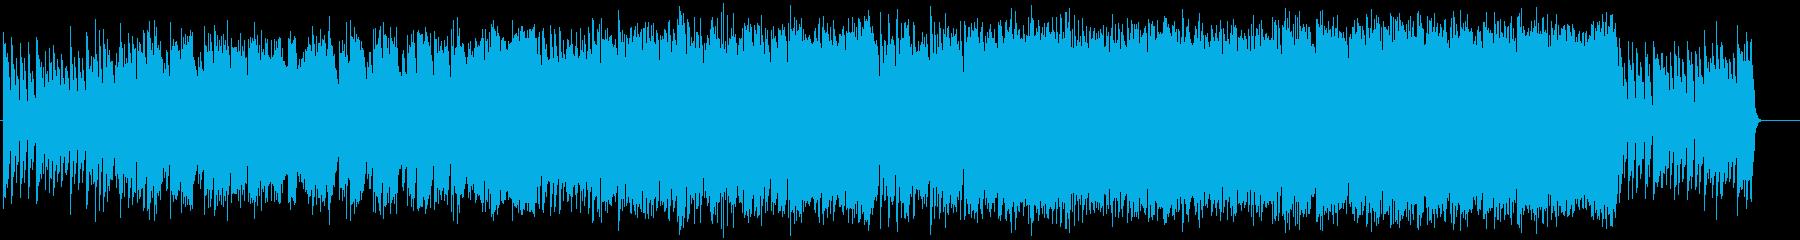 ピアノとオケの伝奇をイメージしたBGMの再生済みの波形